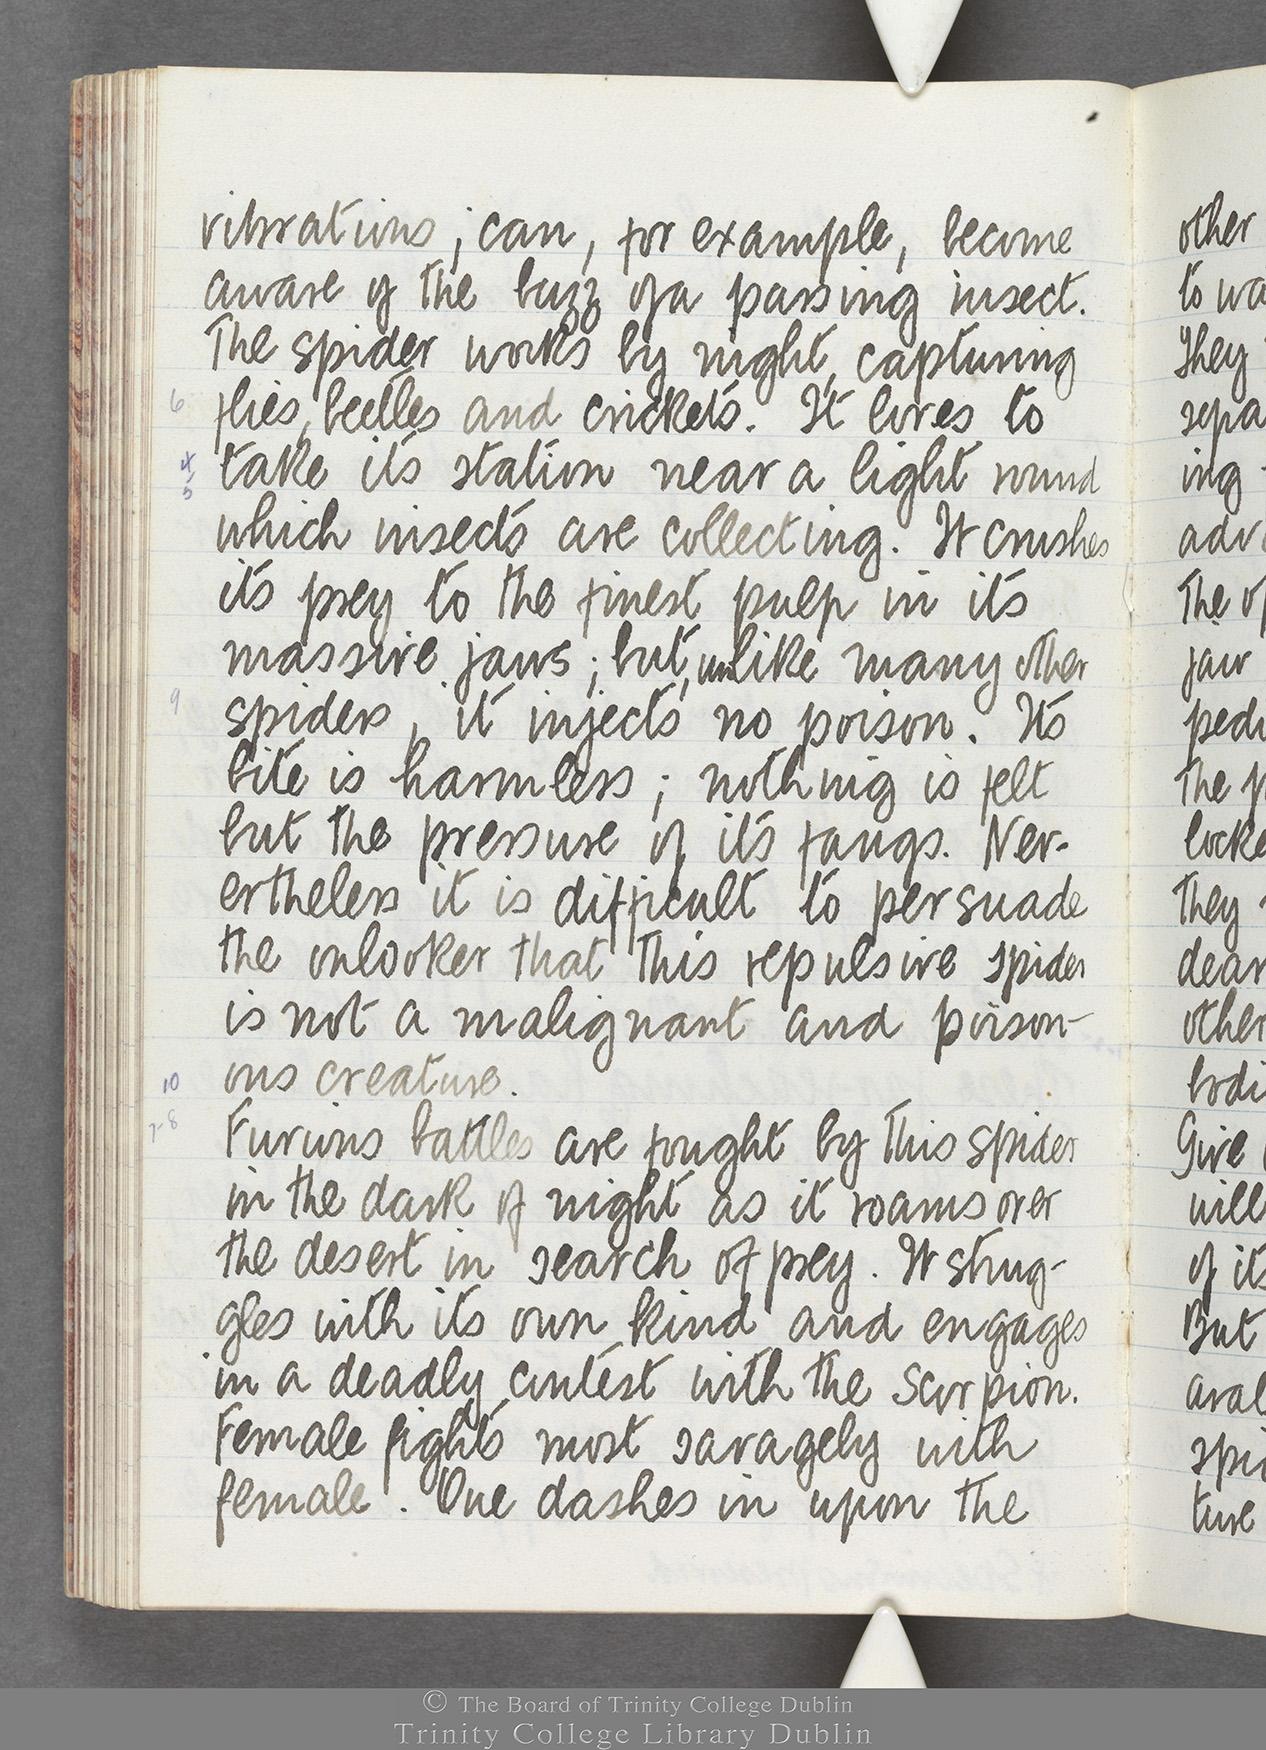 TCD MS 10516 folio 74 verso